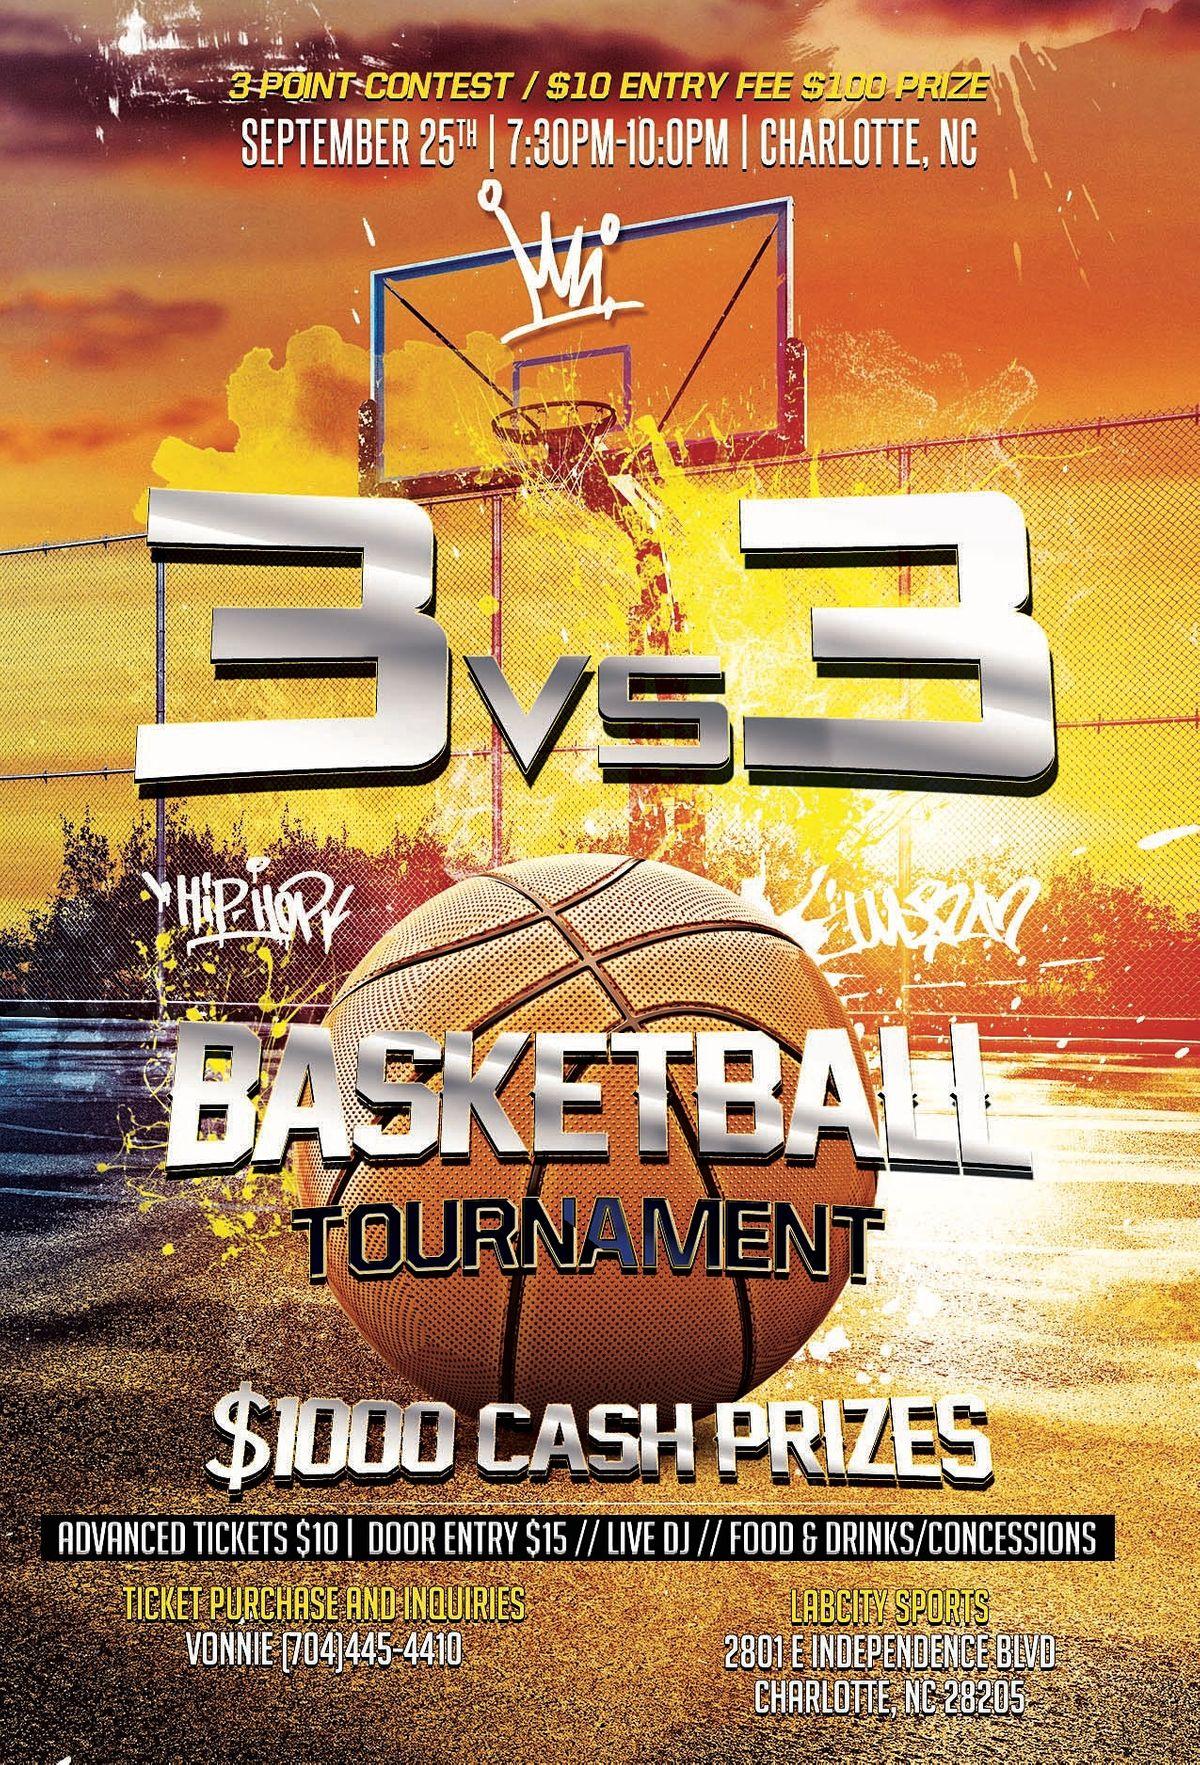 3vs3 Basketball Tournament